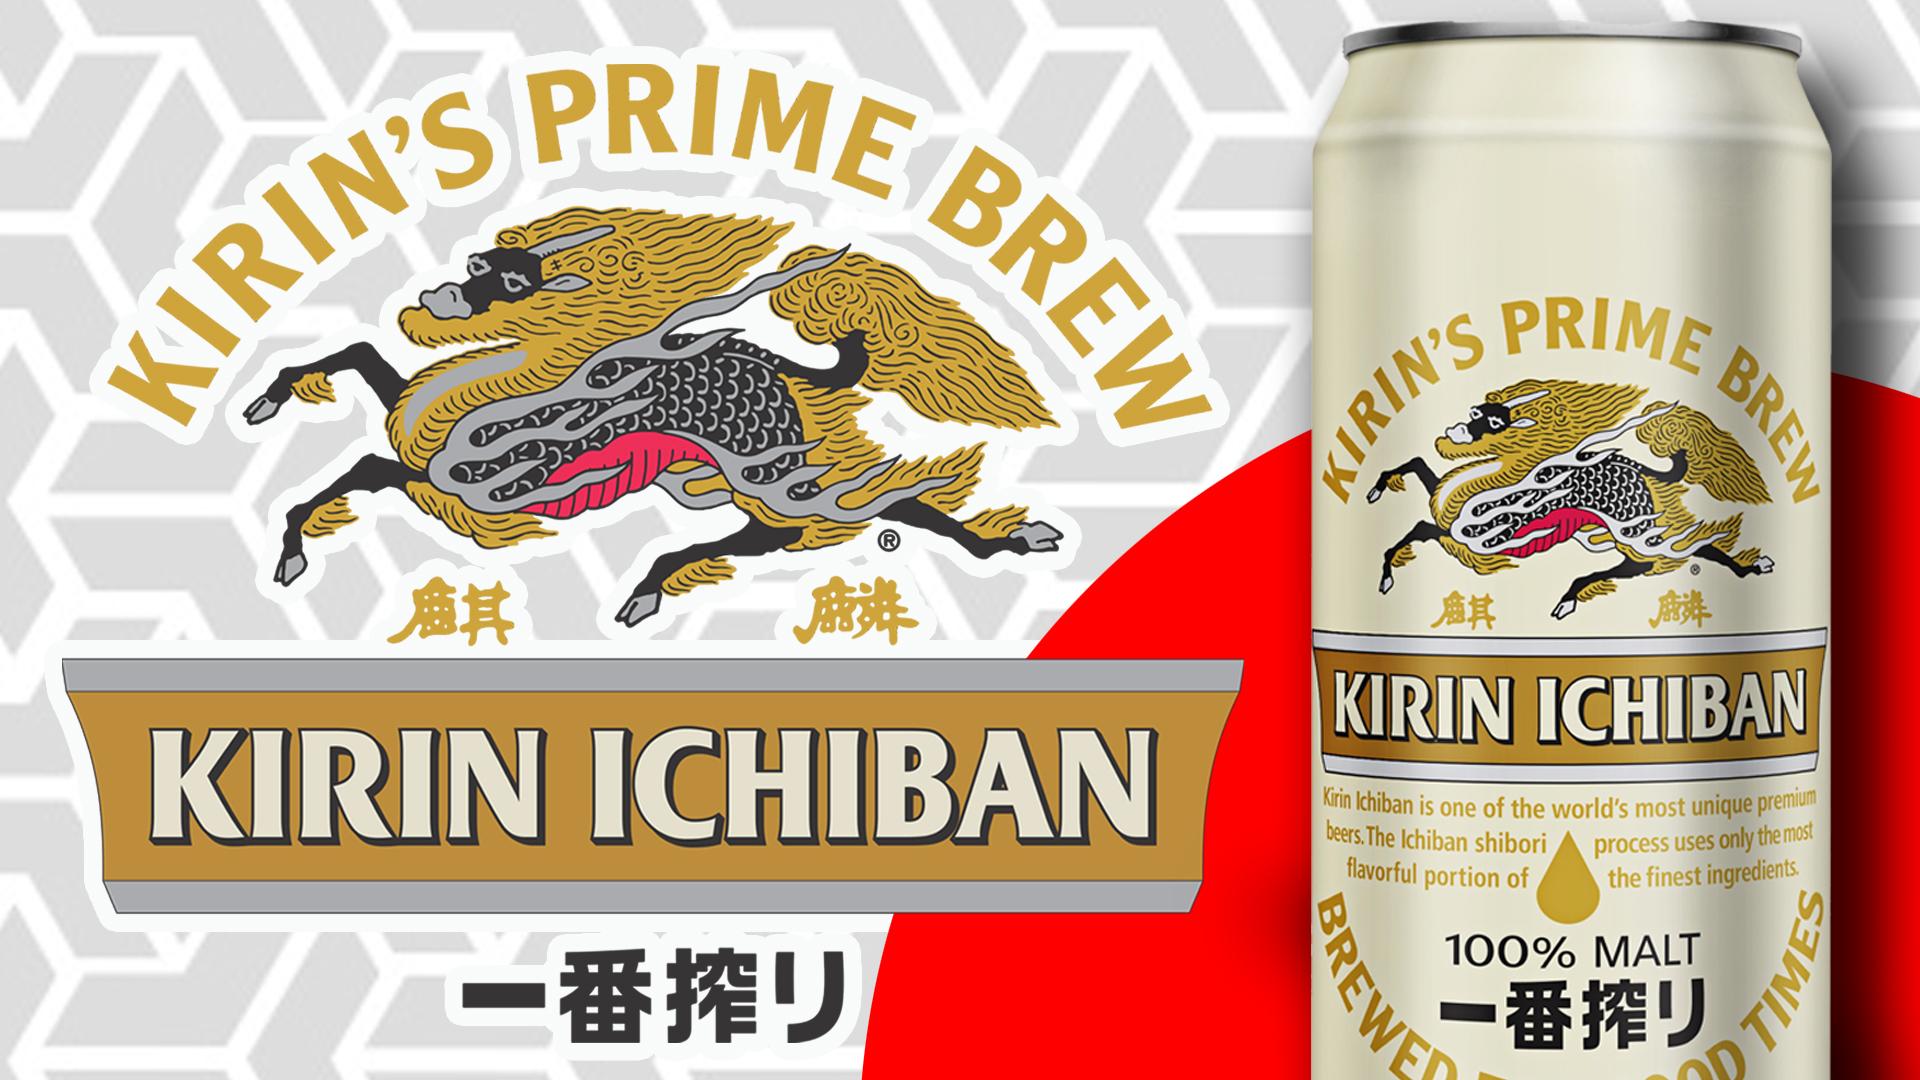 KirinBiru